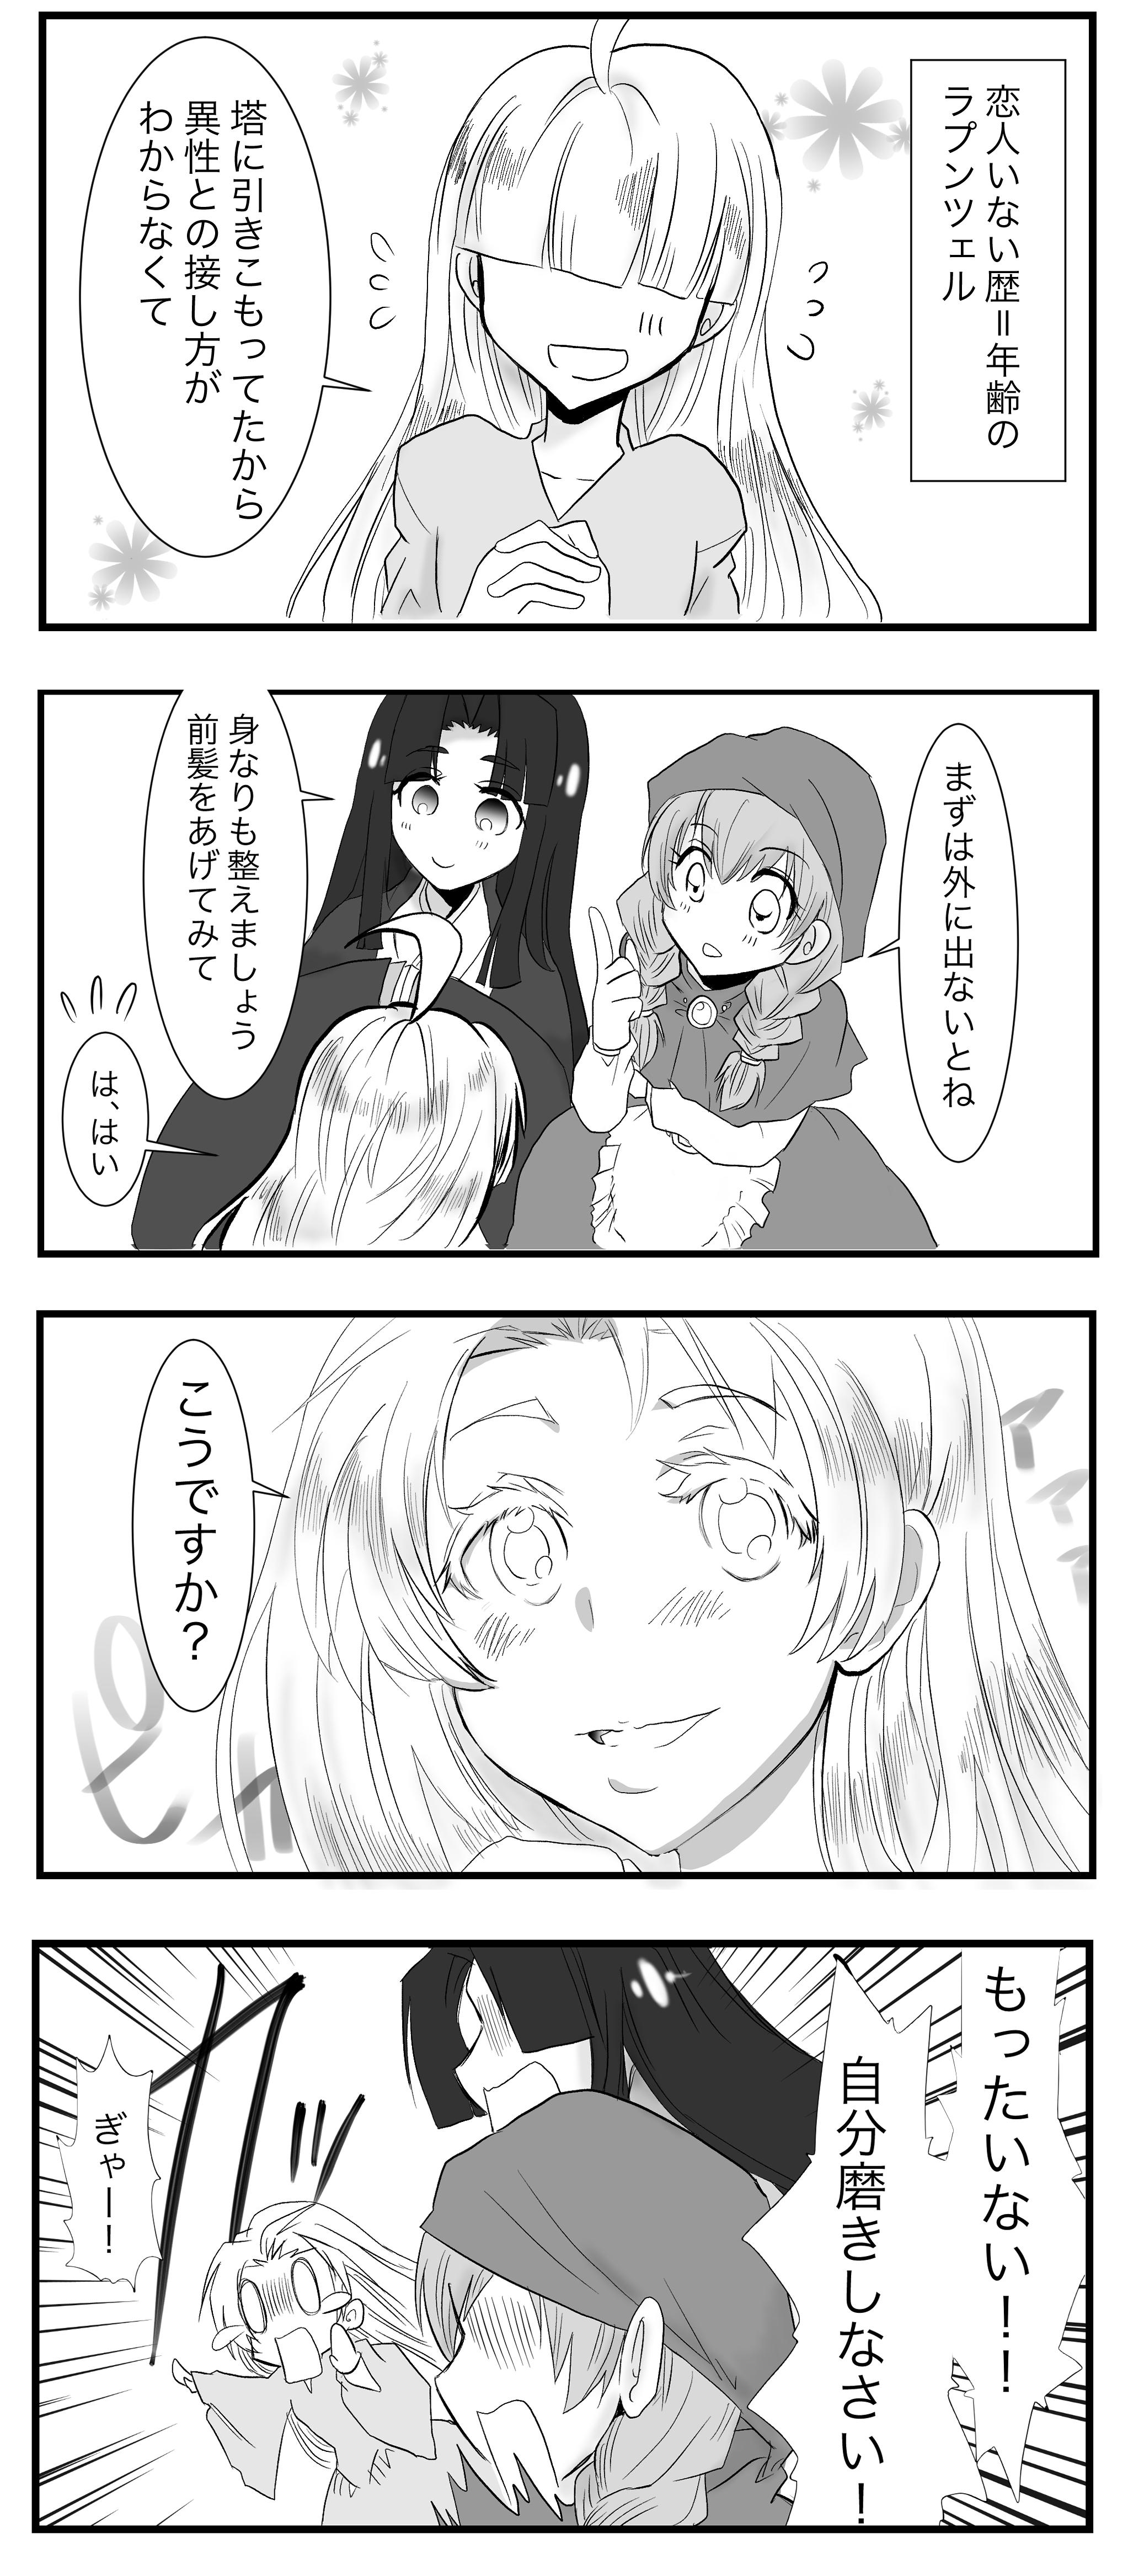 【婚活漫画】恋愛経験がないラプンツェル①_プロローグ